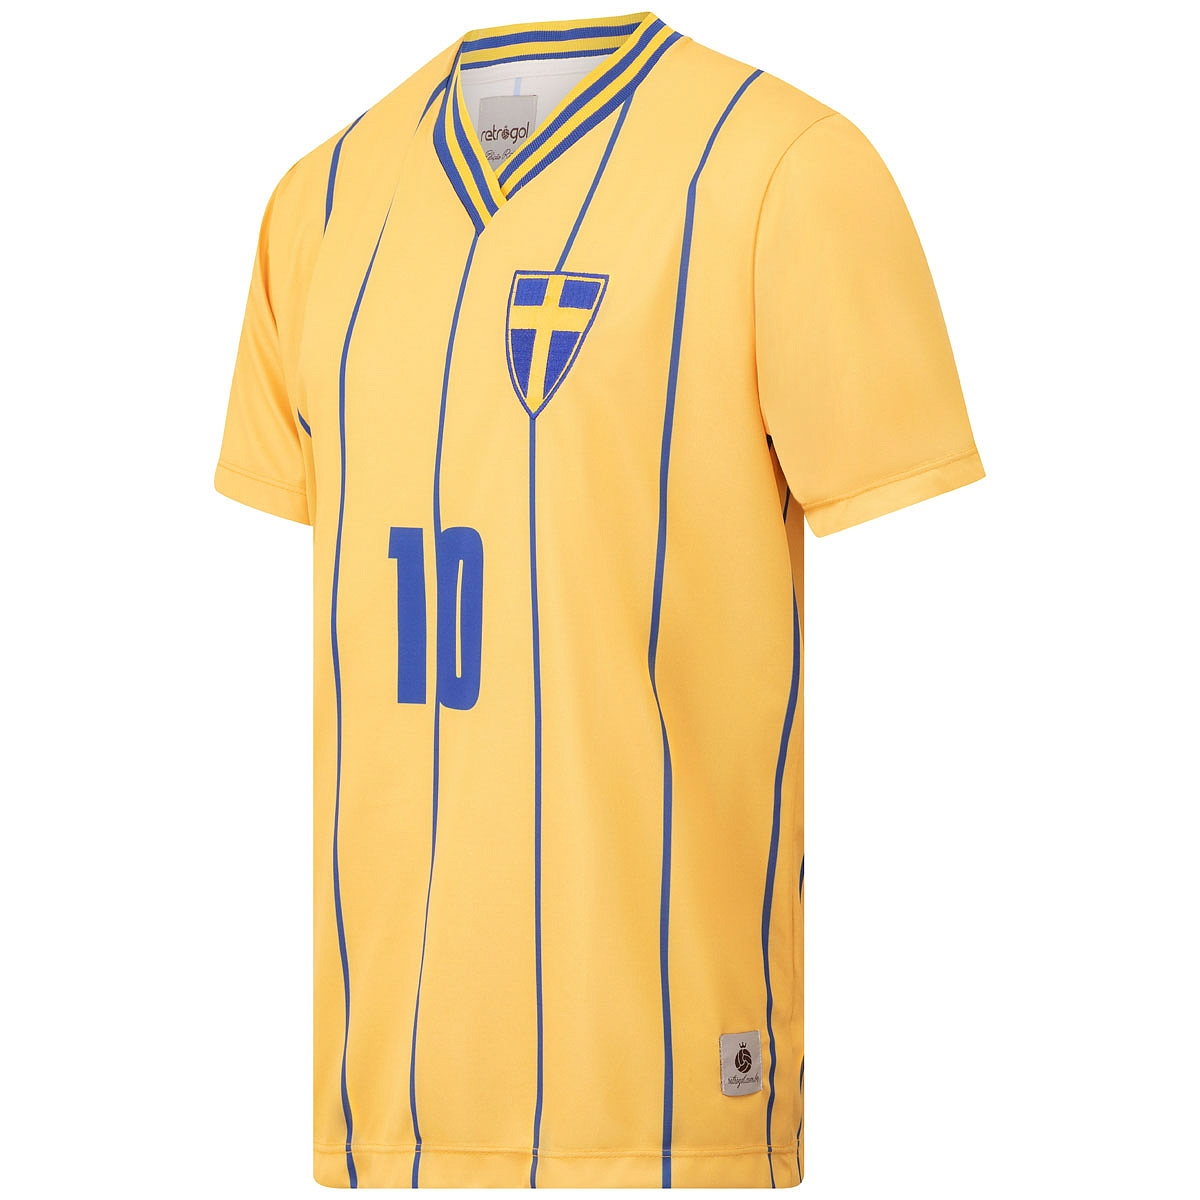 Camisa Suécia Retrô 2012 Masculina